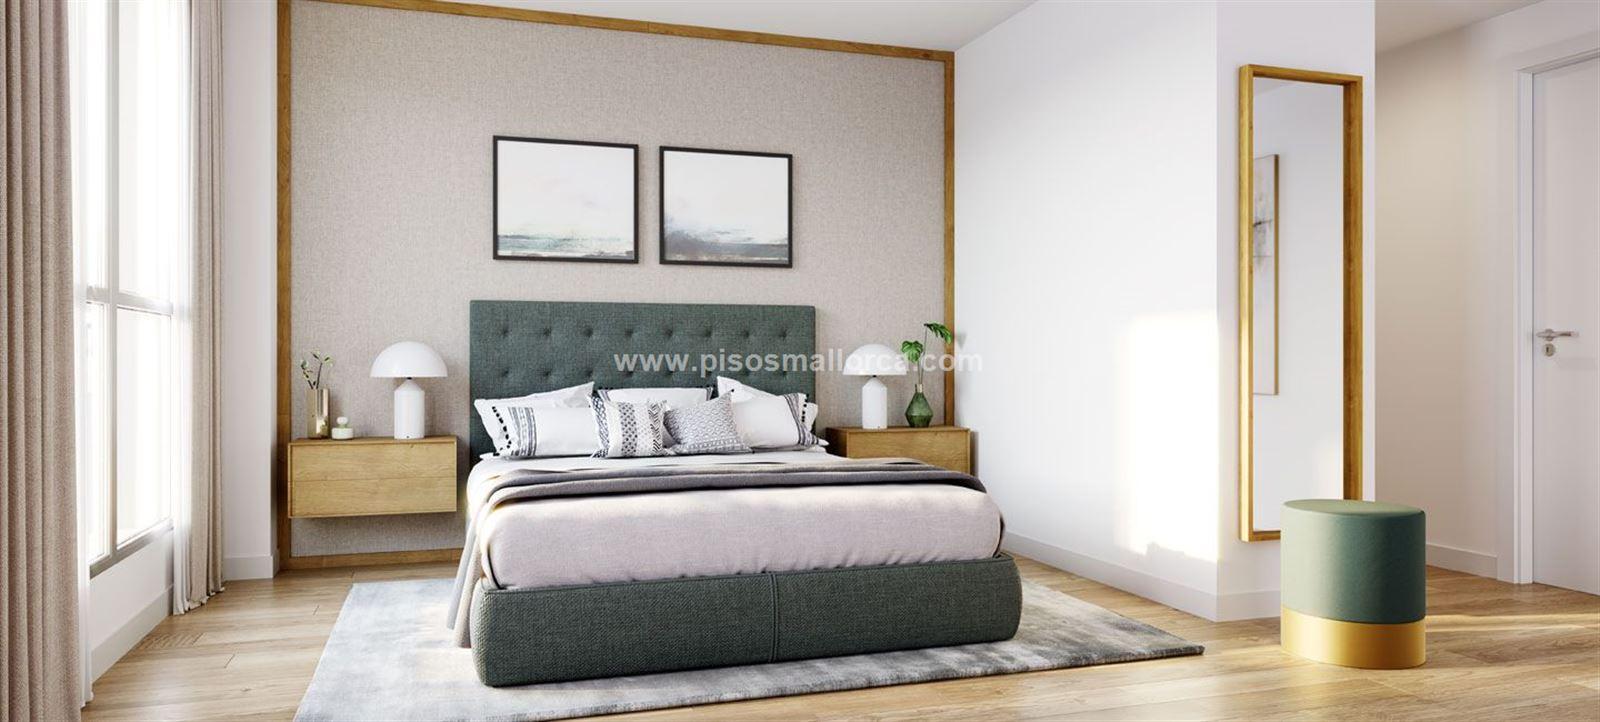 Dormitorios Mallorca.Palma De Mallorca Piso Amanecer 103 M 2 Dormitorios